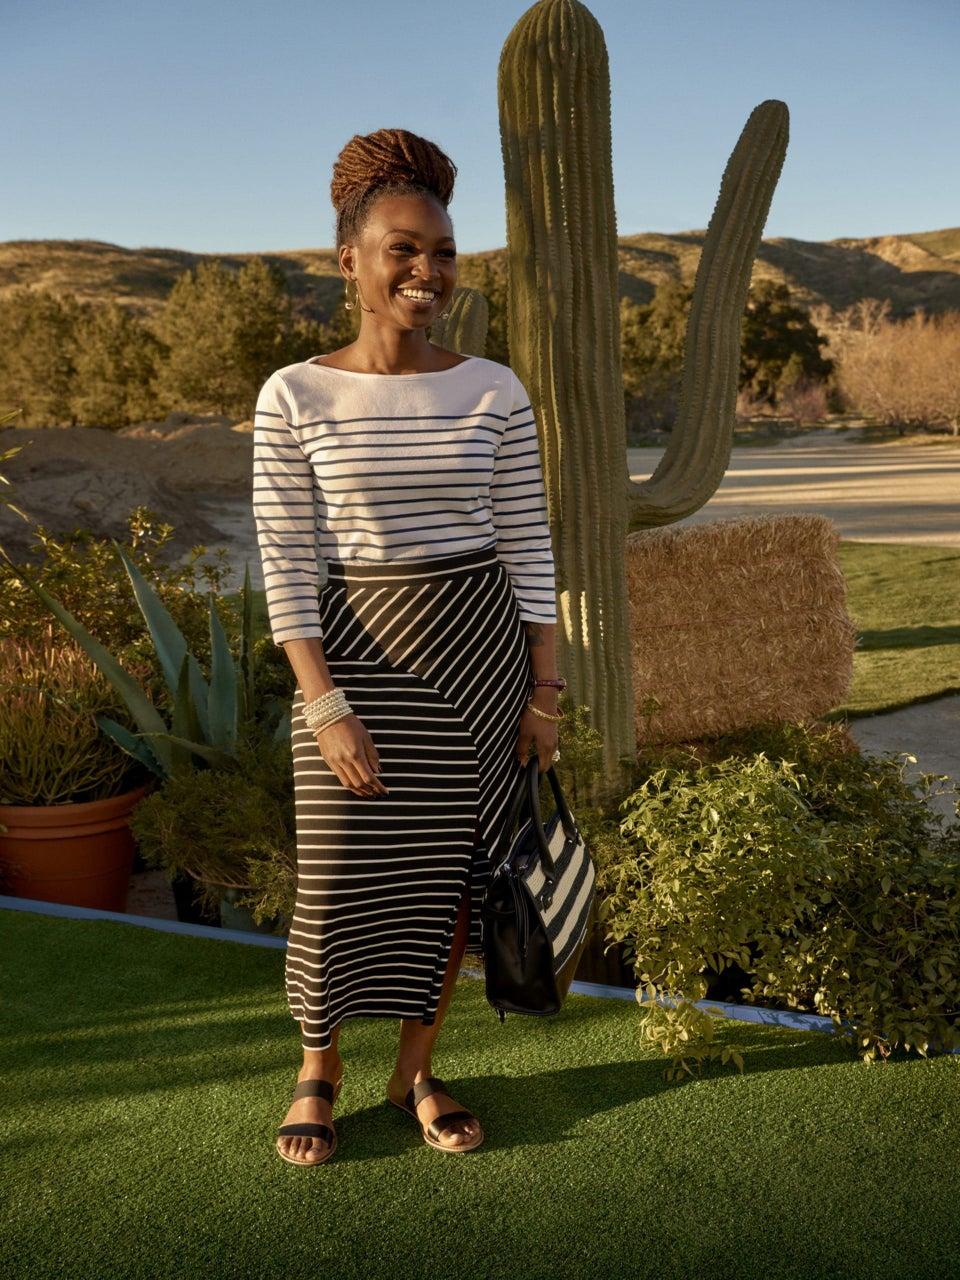 5 Ways To Spring Into Stripes This Season